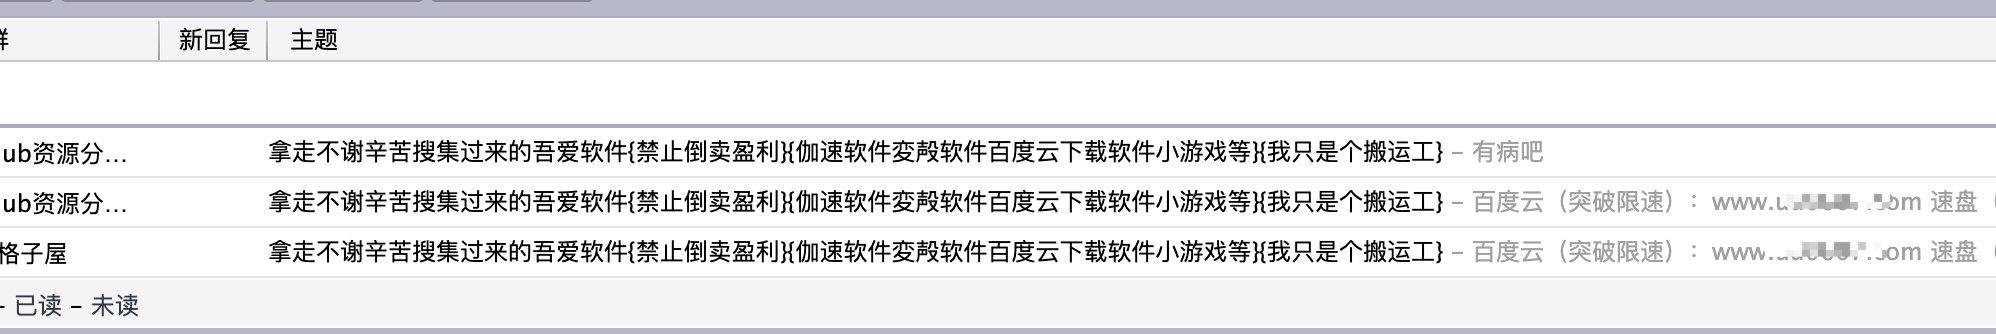 QQ群垃圾邮件